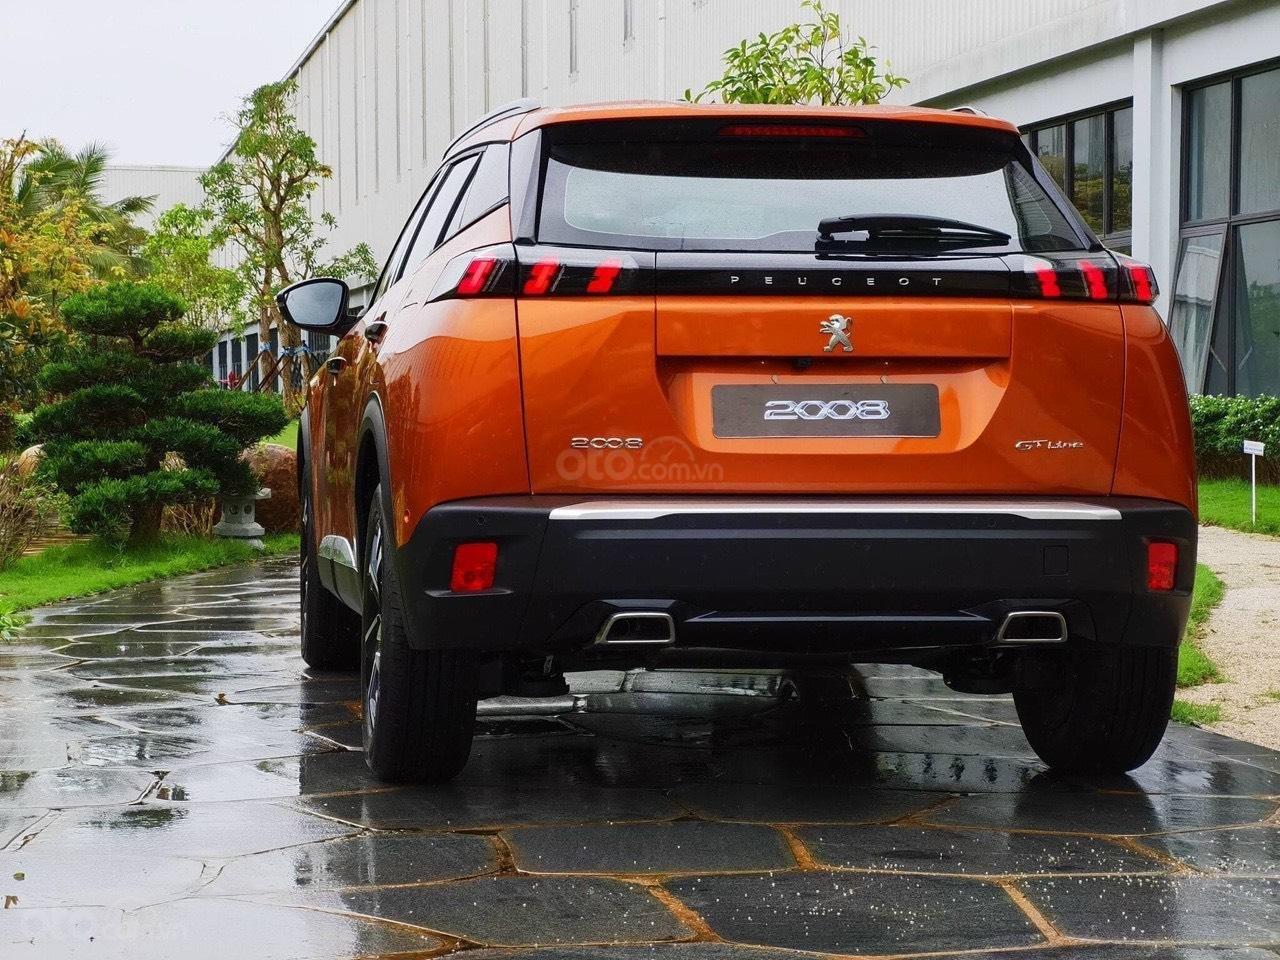 Siêu phẩm SUV - Peugeot 2008, liên hệ ngay để nhận nhiều ưu đãi hấp dẫn! (3)